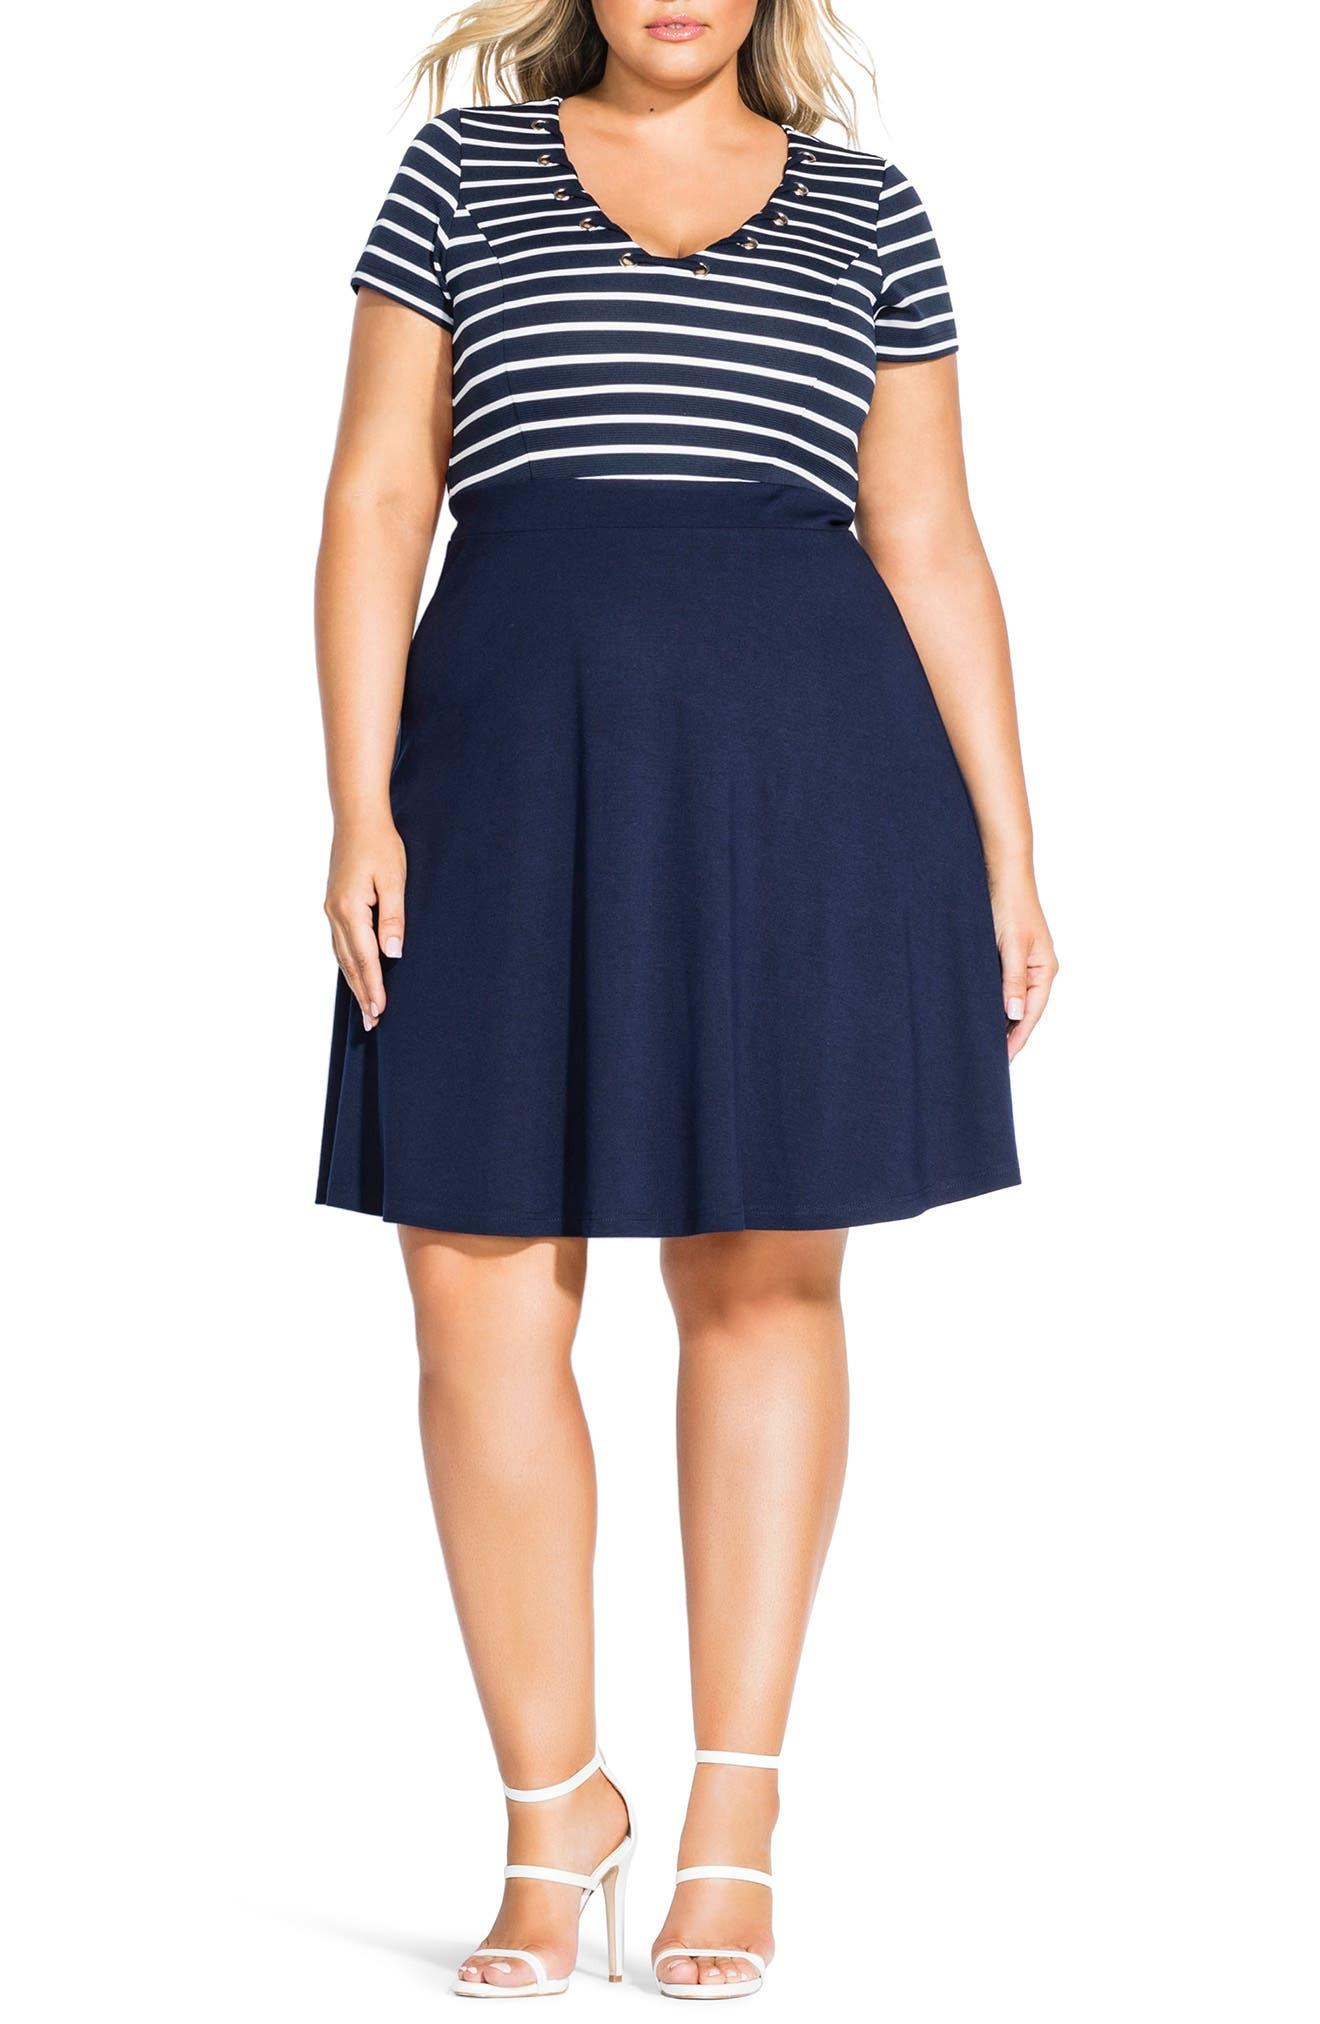 Sailor Dresses, Nautical Theme Dress, WW2 Dresses Plus Size Womens City Chic Sailor Stripe Dress Size X-Small - Blue $99.00 AT vintagedancer.com